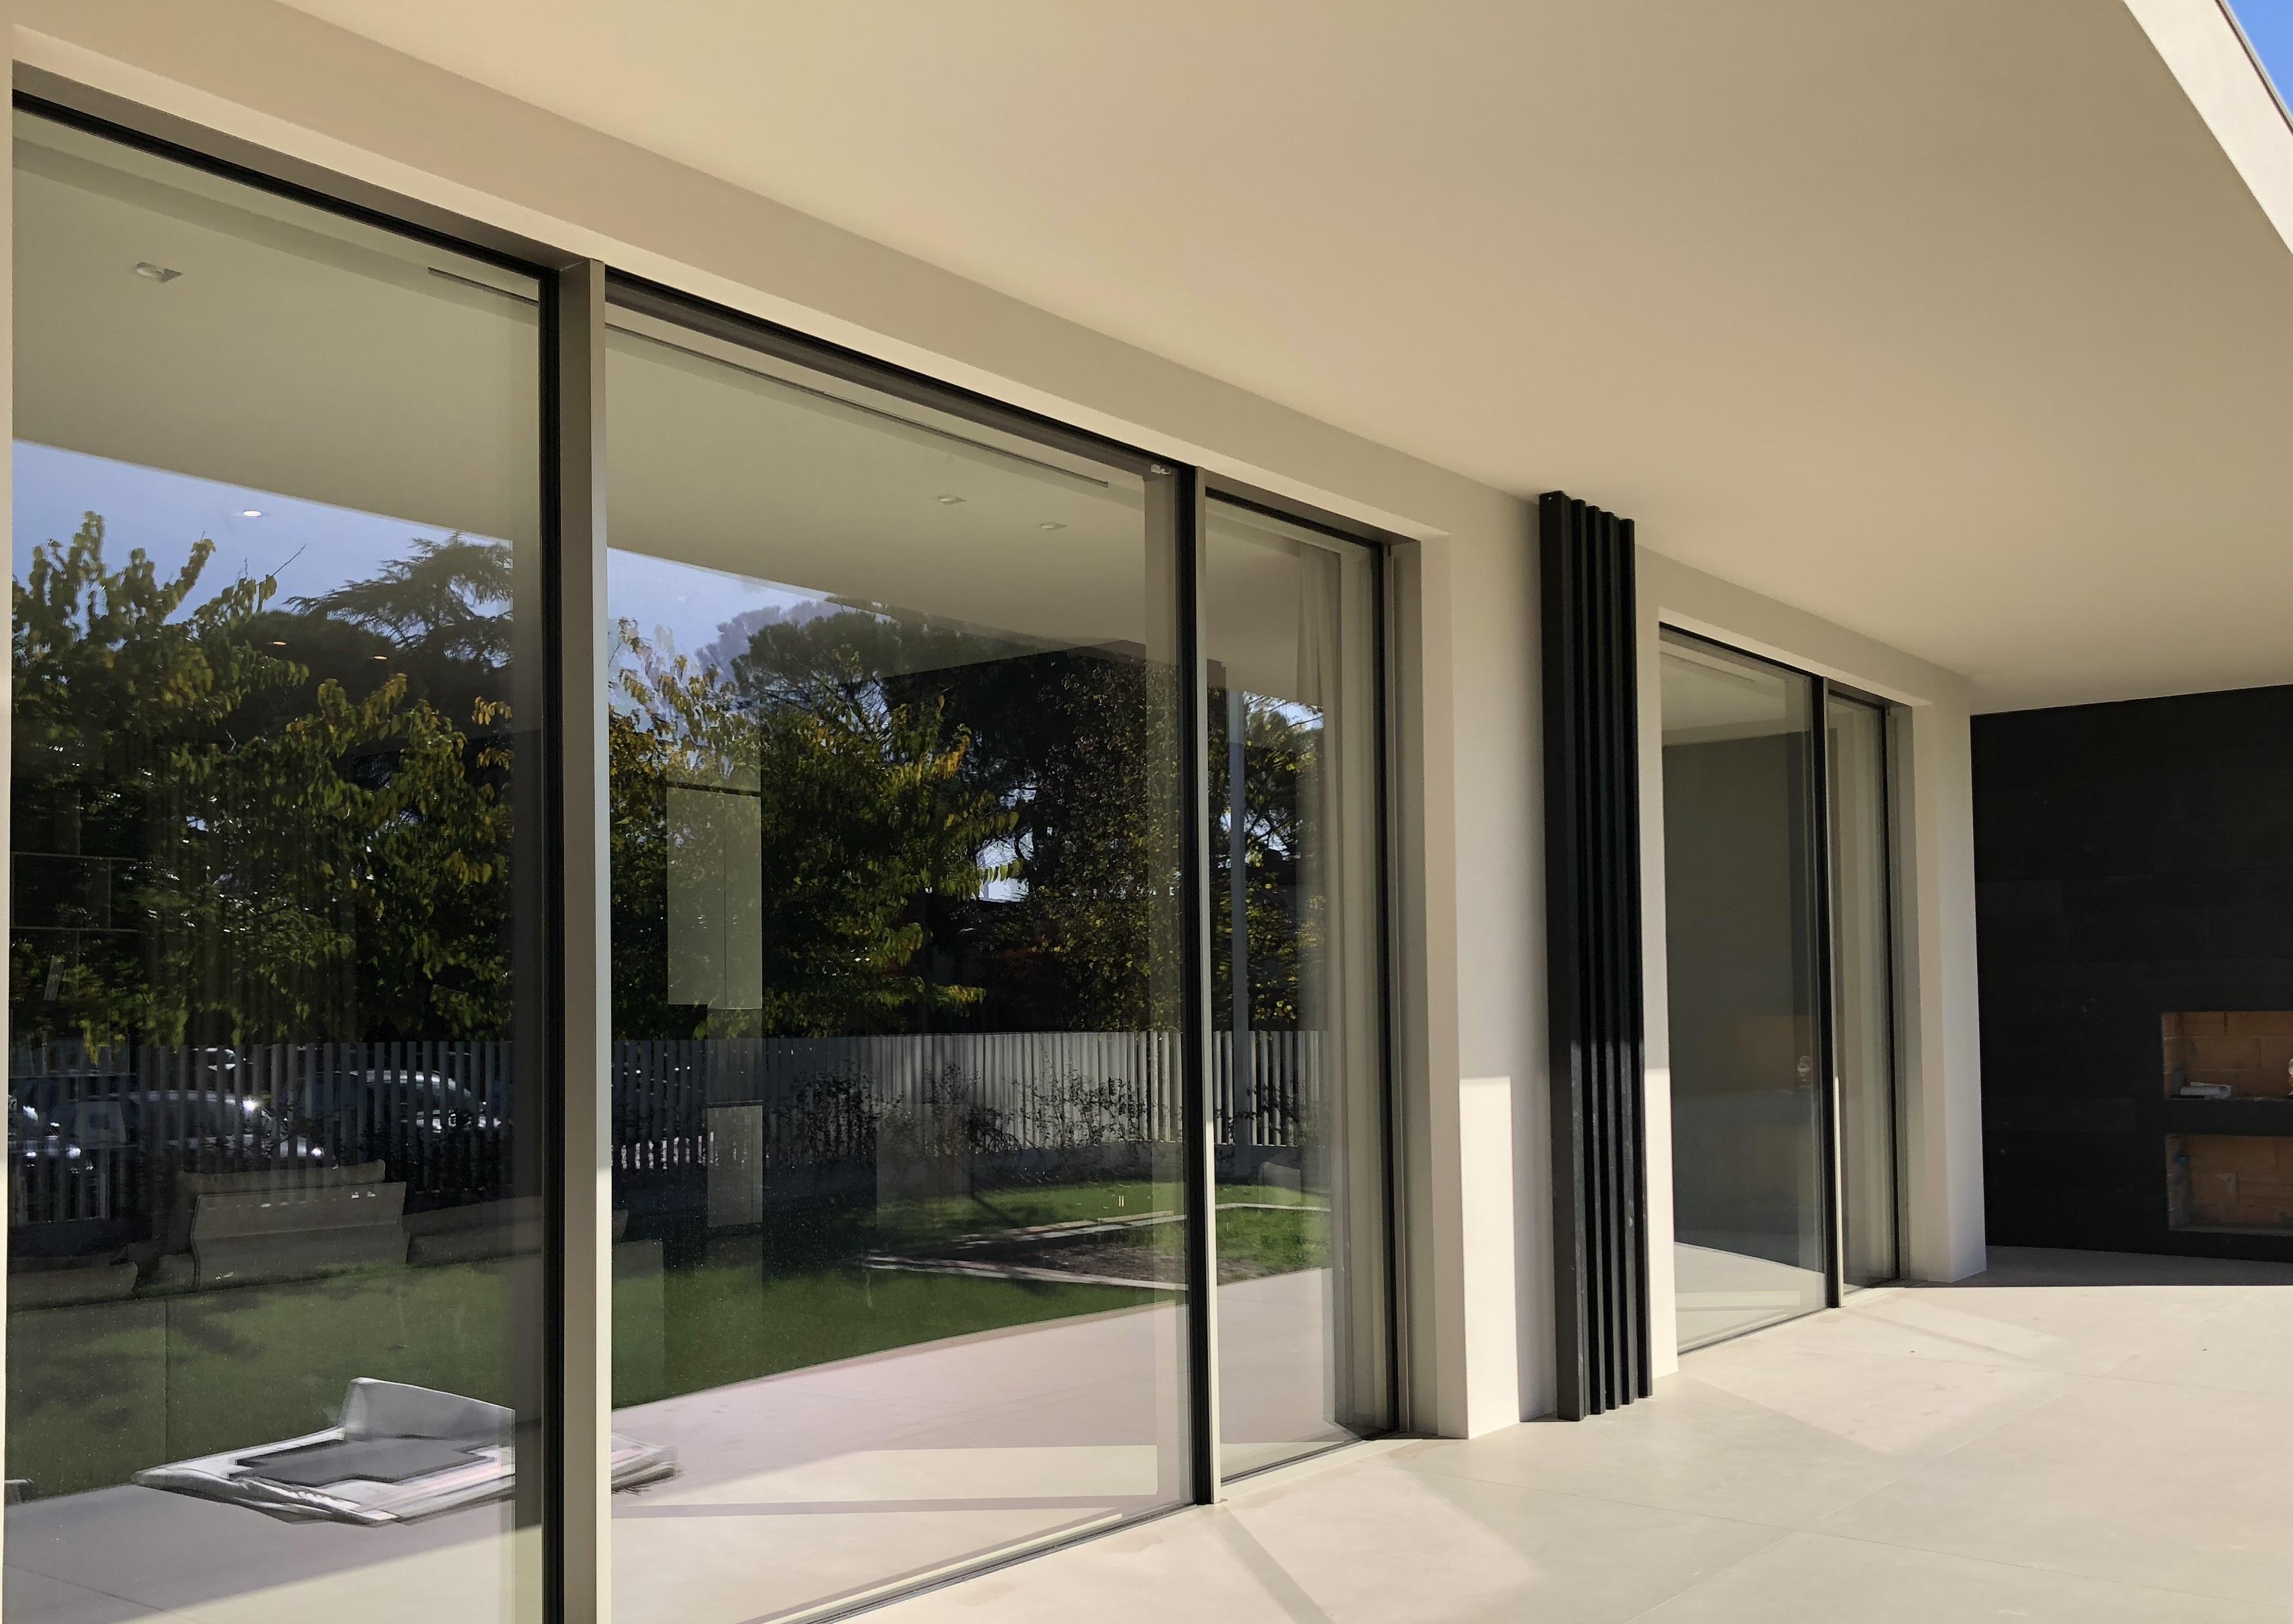 Muffa Vicino Agli Infissi finestre panoramiche: luminosità, design e sicurezza